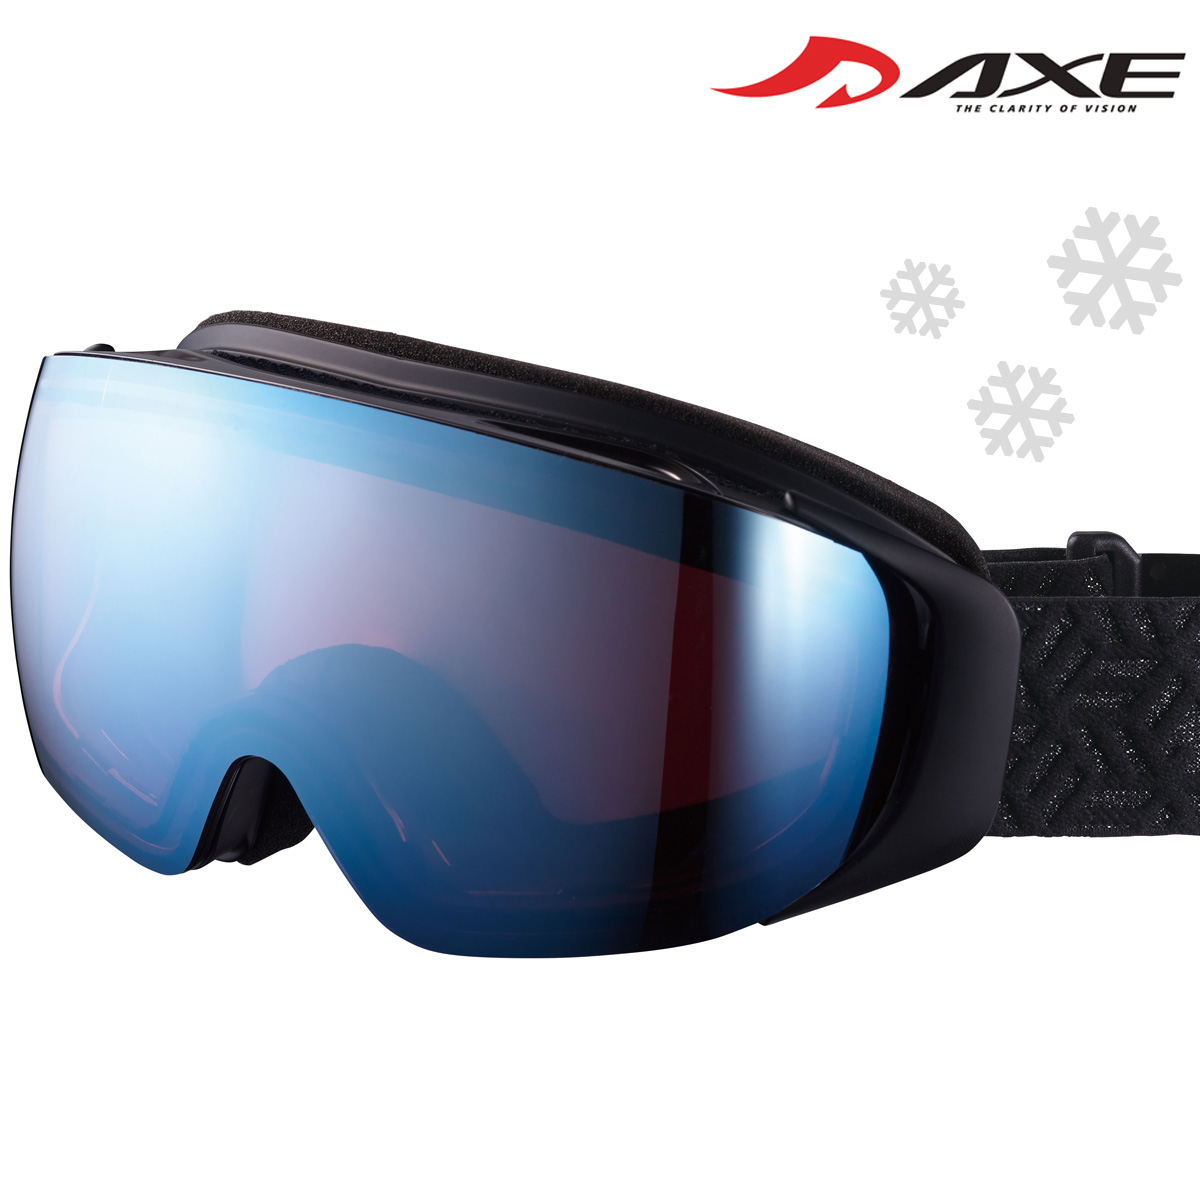 ゴーグル 眼鏡対応 ミラー スキー スノーボード AX899-HCM スノーゴーグル メガネ ダブルワイドレンズ 曇り止め機能付き AXE アックス